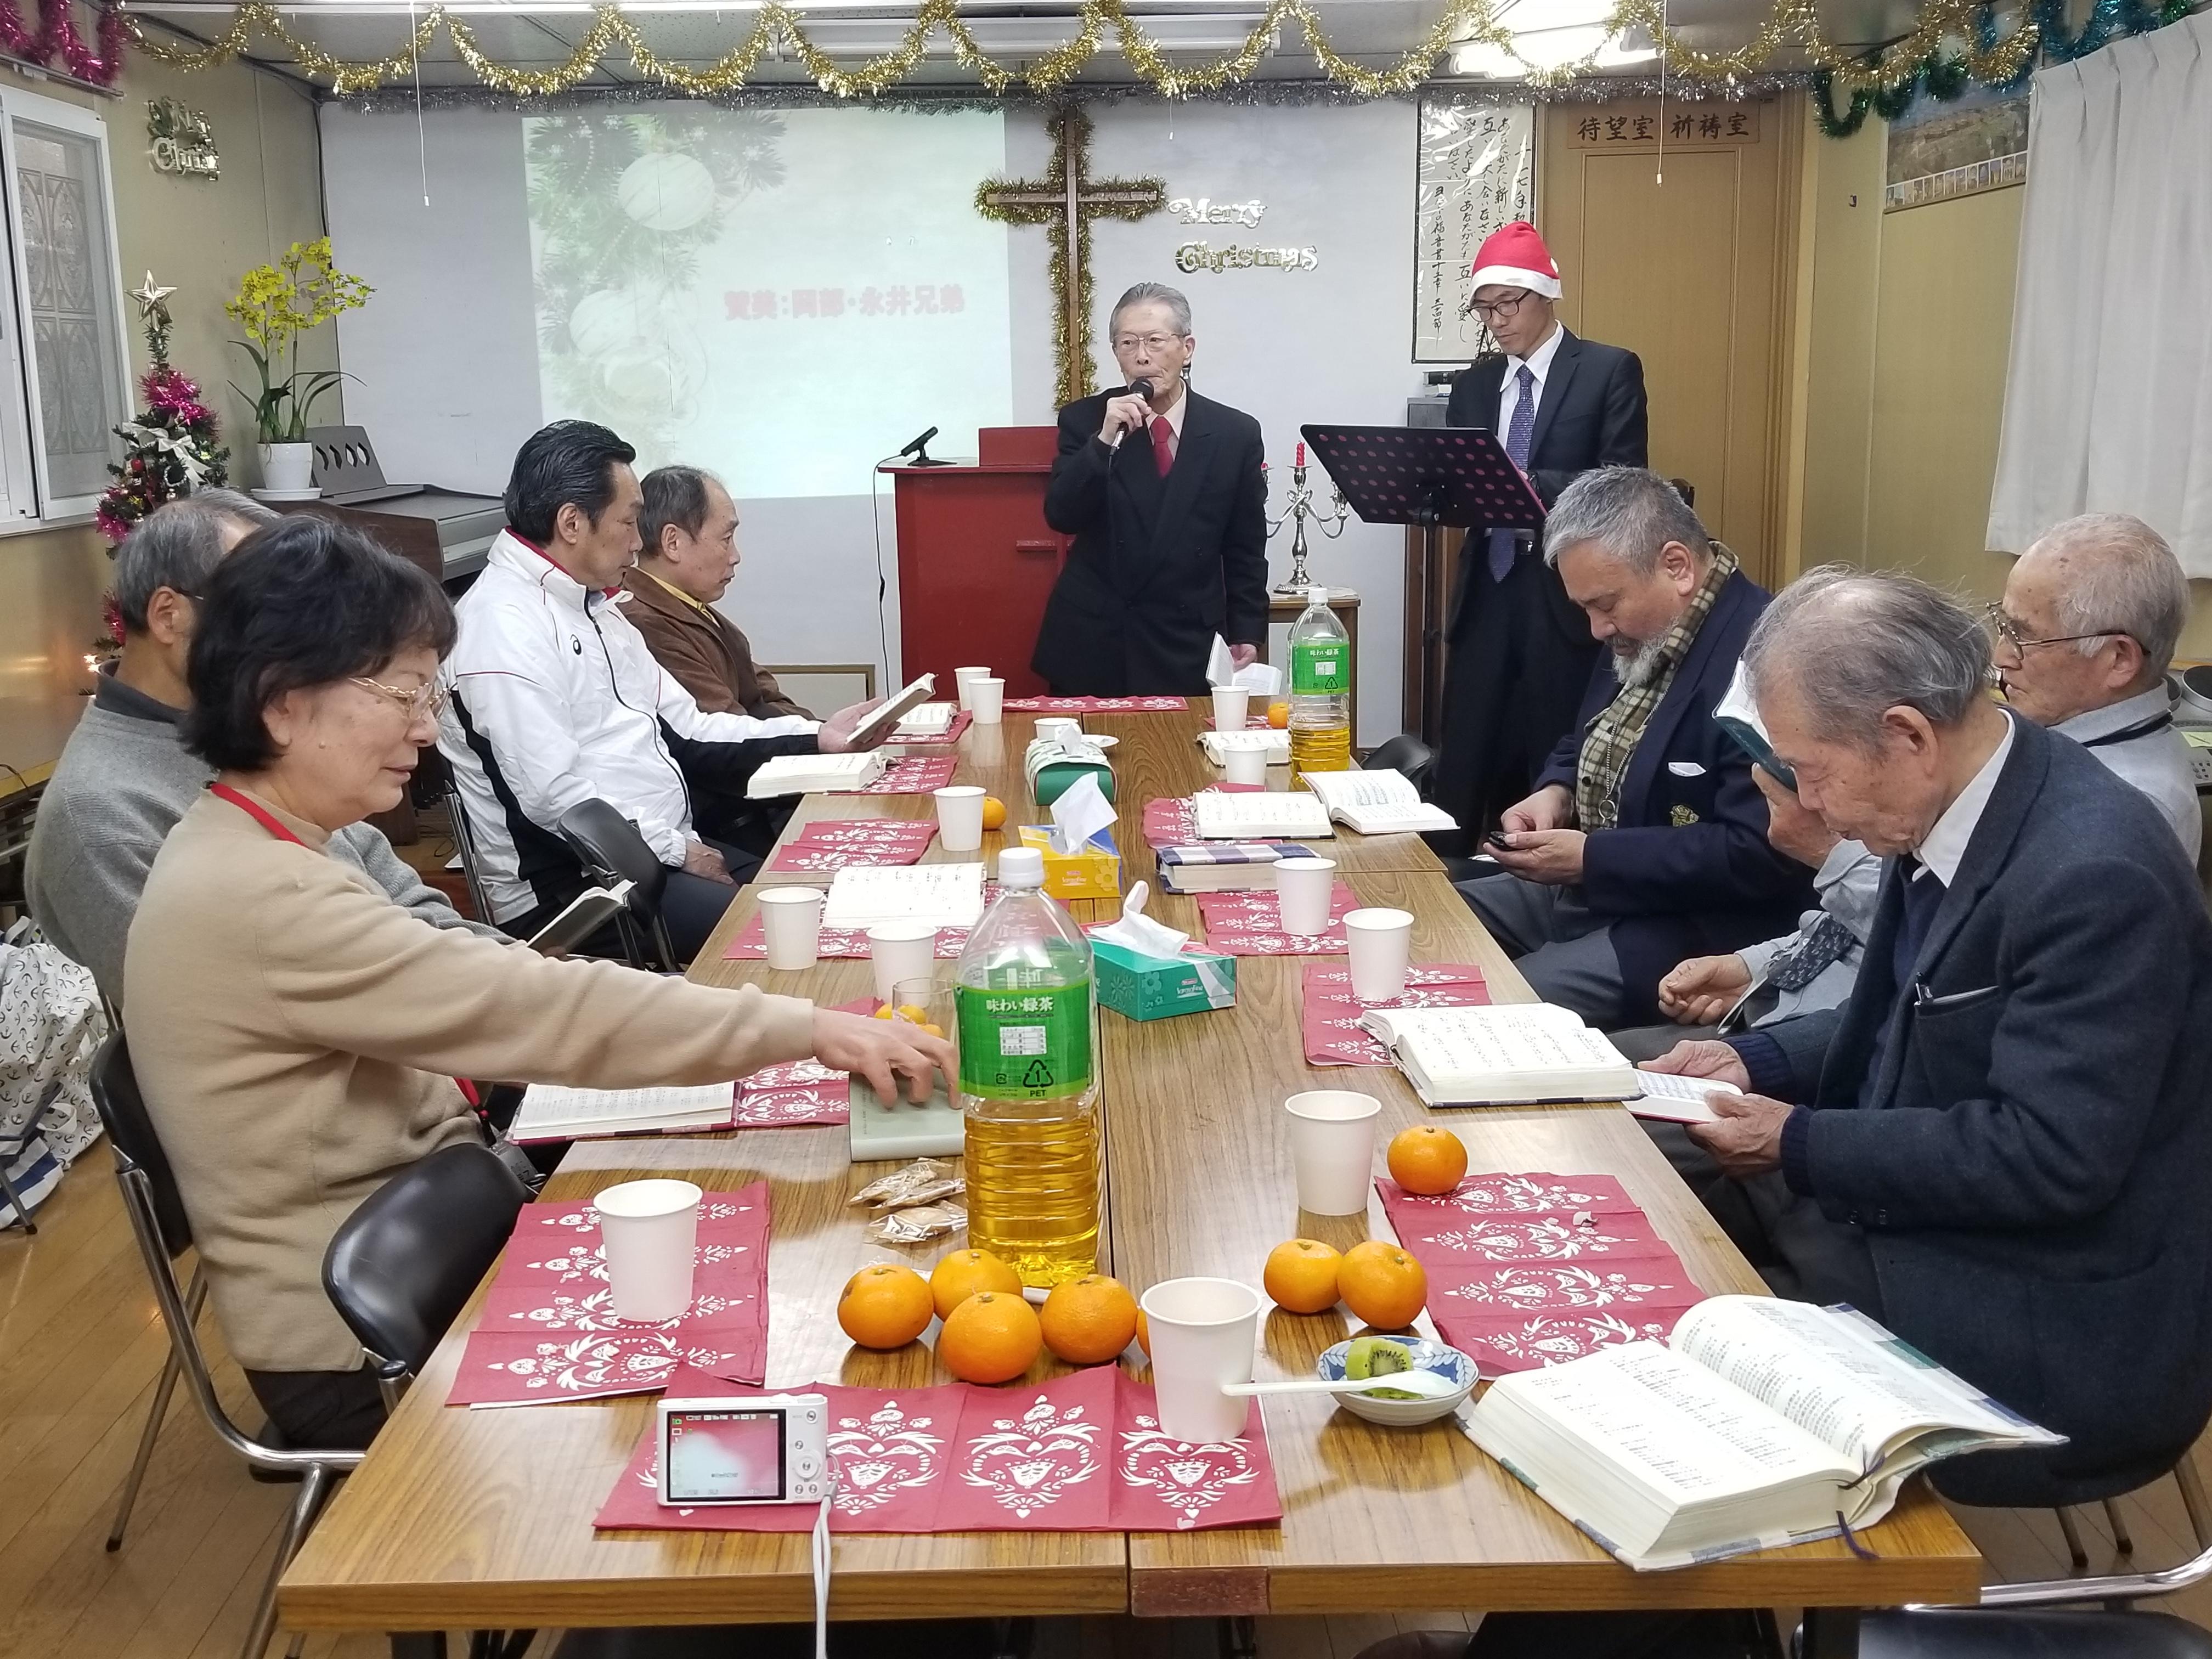 20171225 大人クリスマス会16